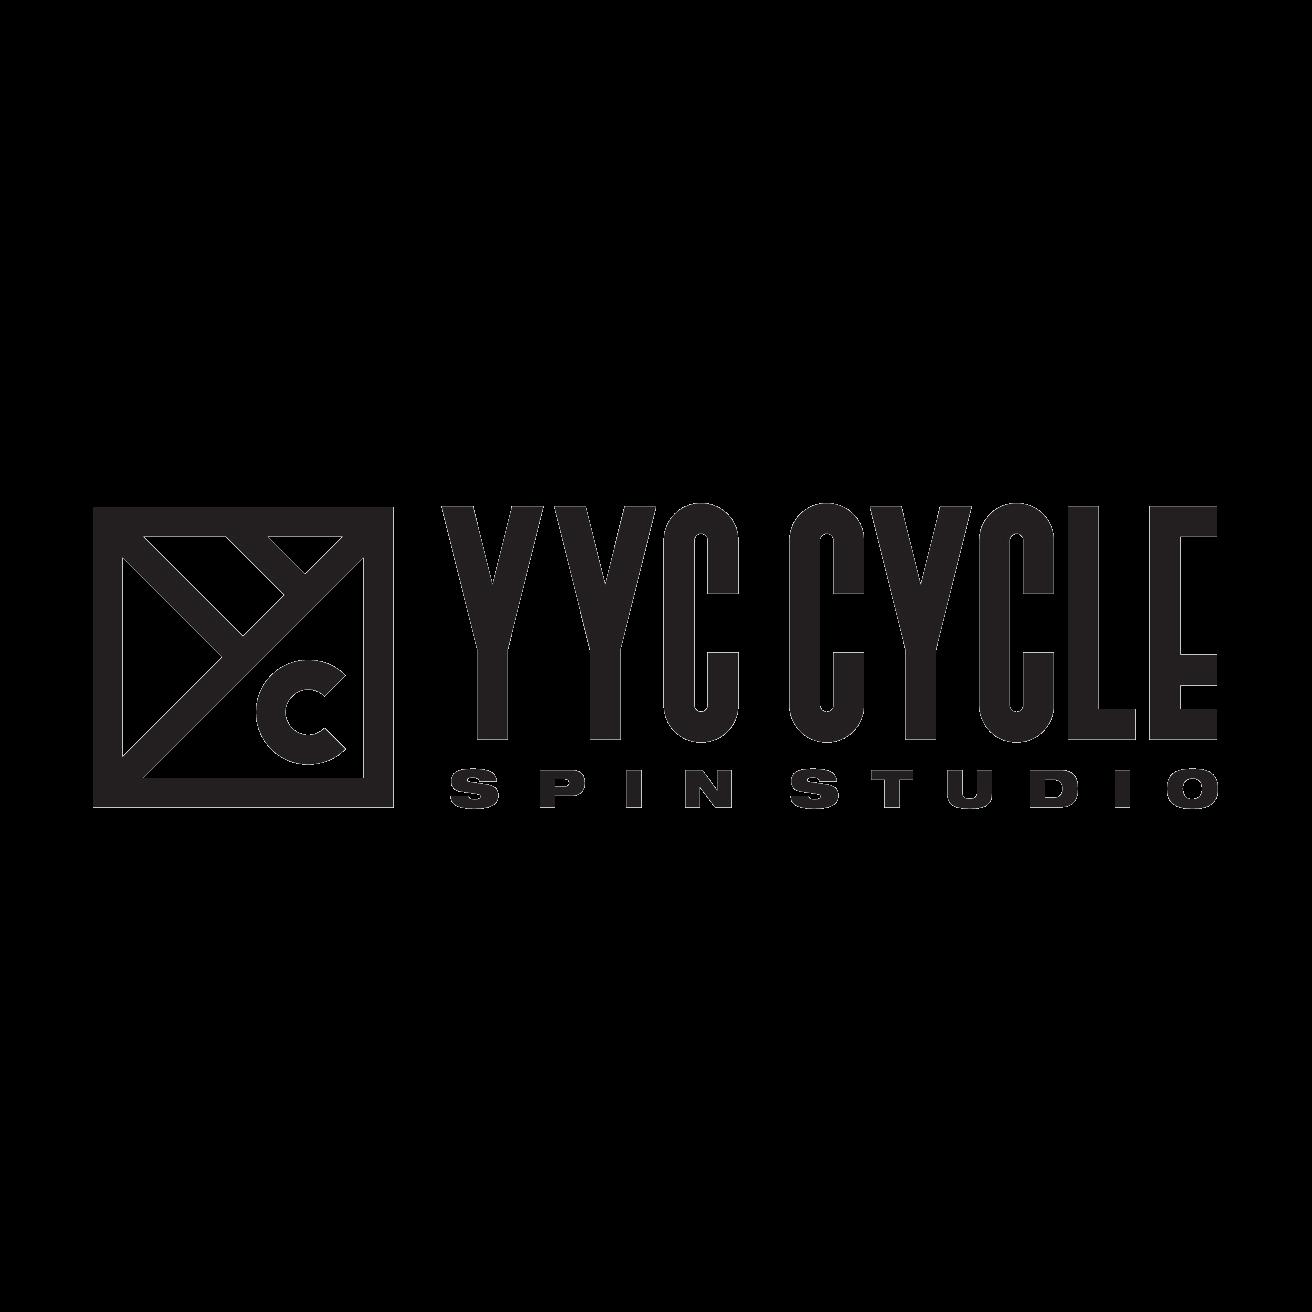 YYC Cycle